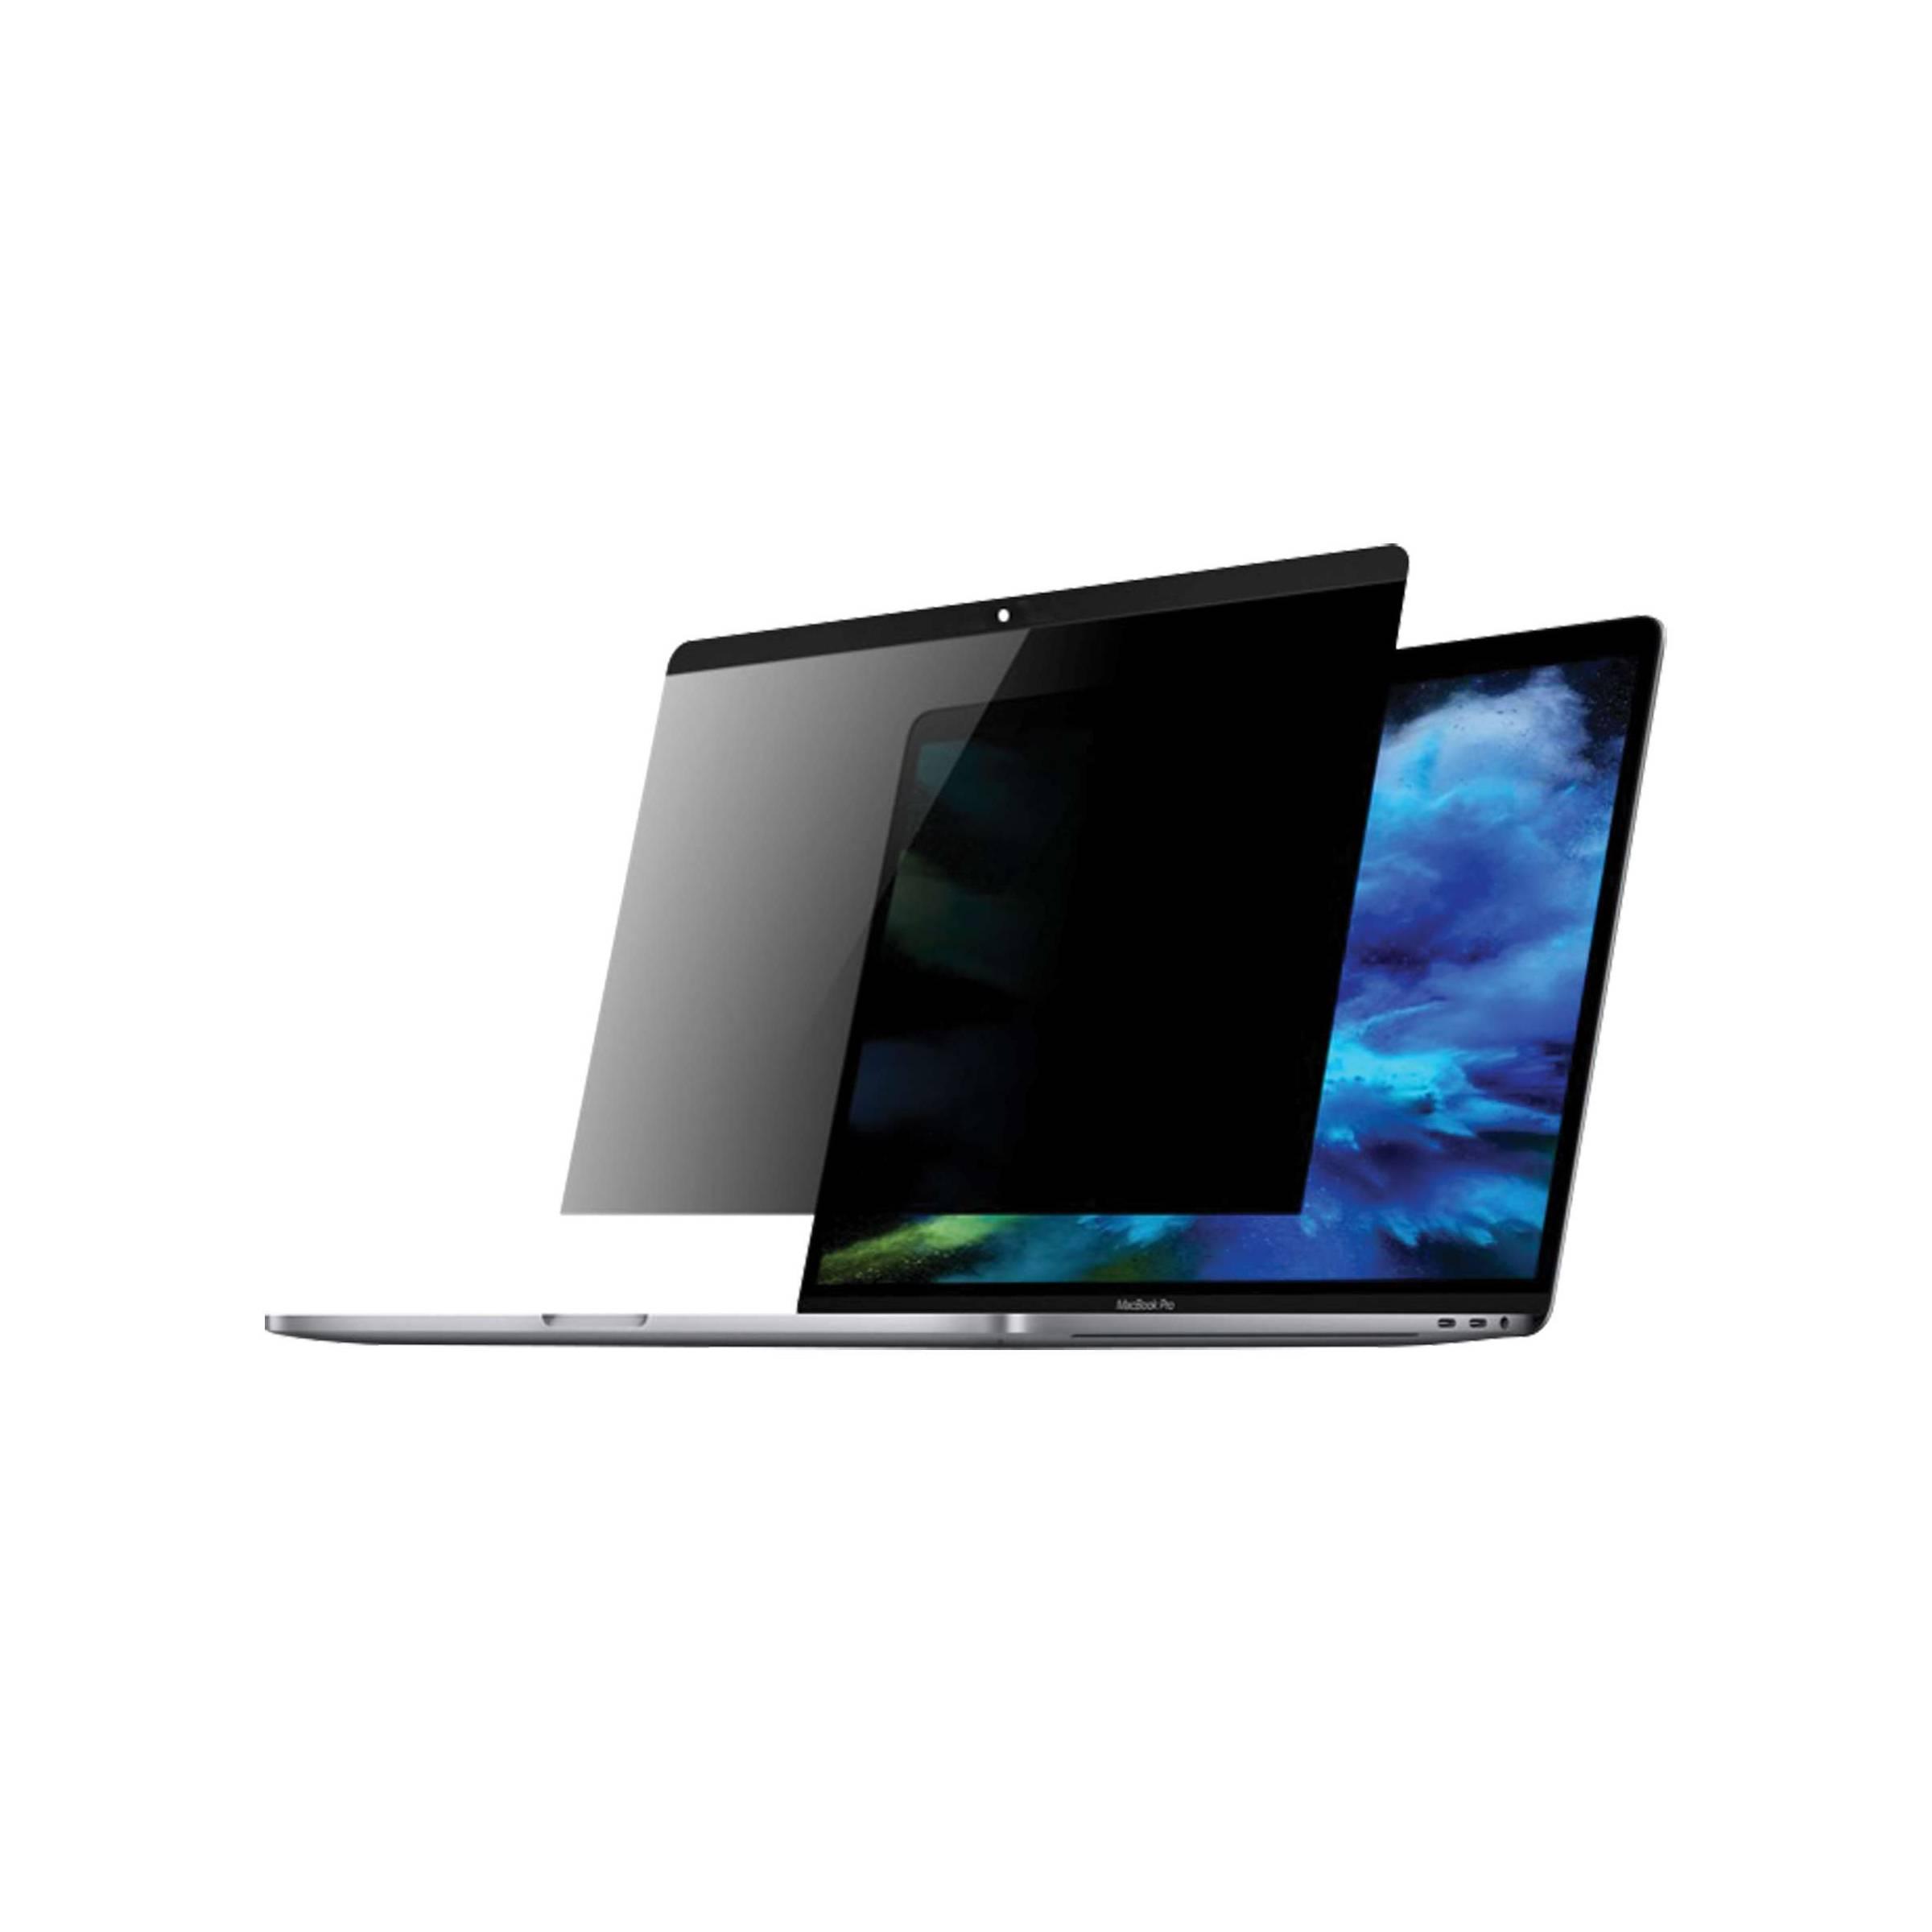 """xtrememac Privacy filter glas til macbook pro 13"""" 2016 og frem fra xtrememac fra mackabler.dk"""